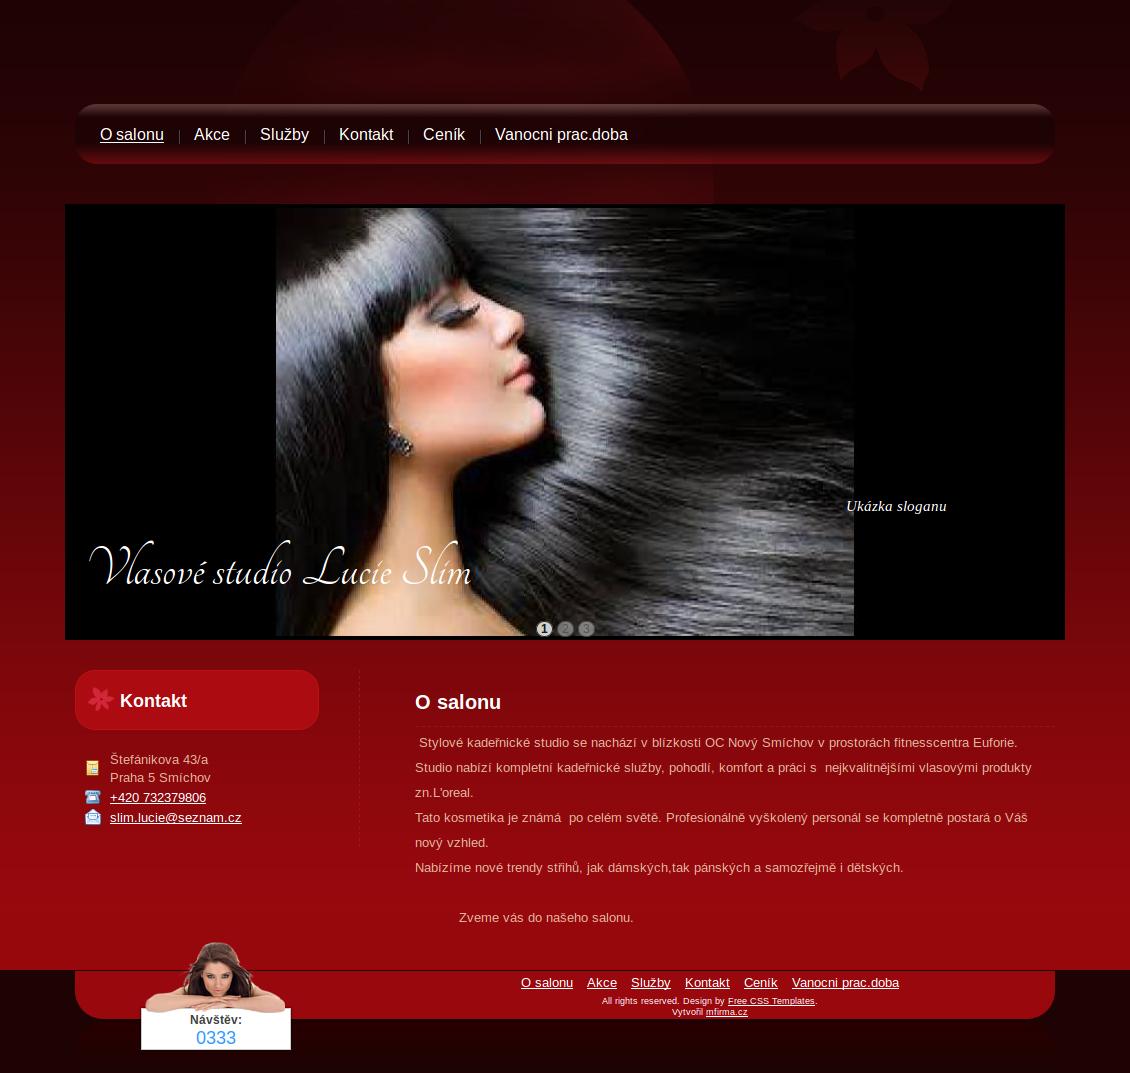 Příklad webové stránky pro vlasové studio - studiolucies.cz